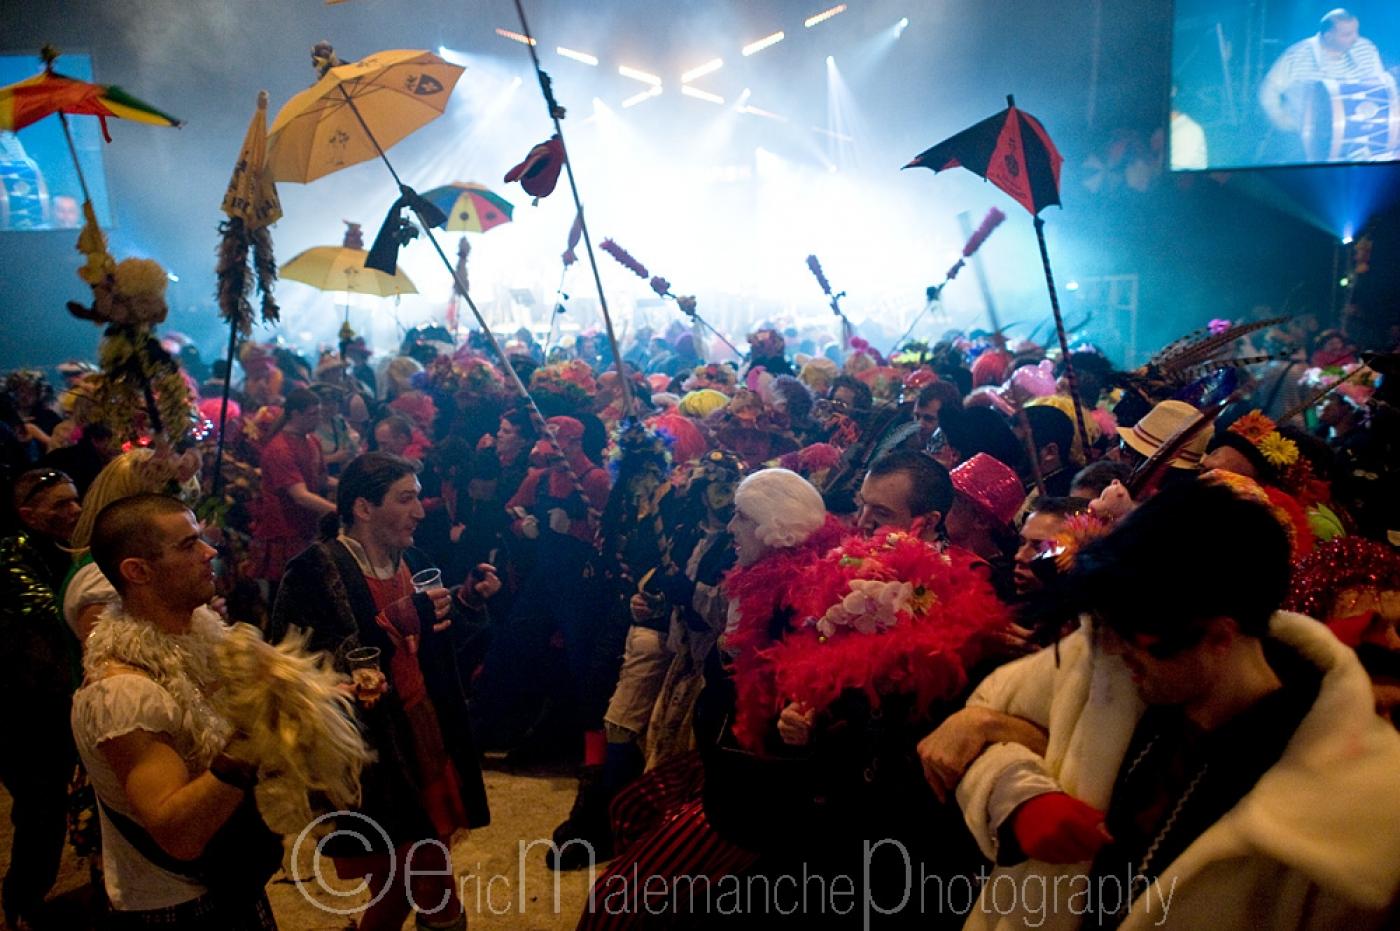 http://www.ericmalemanche.com/imagess/topics/carnaval-de-dunkerque/liste/Carnaval-Dunkerque-0982.jpg